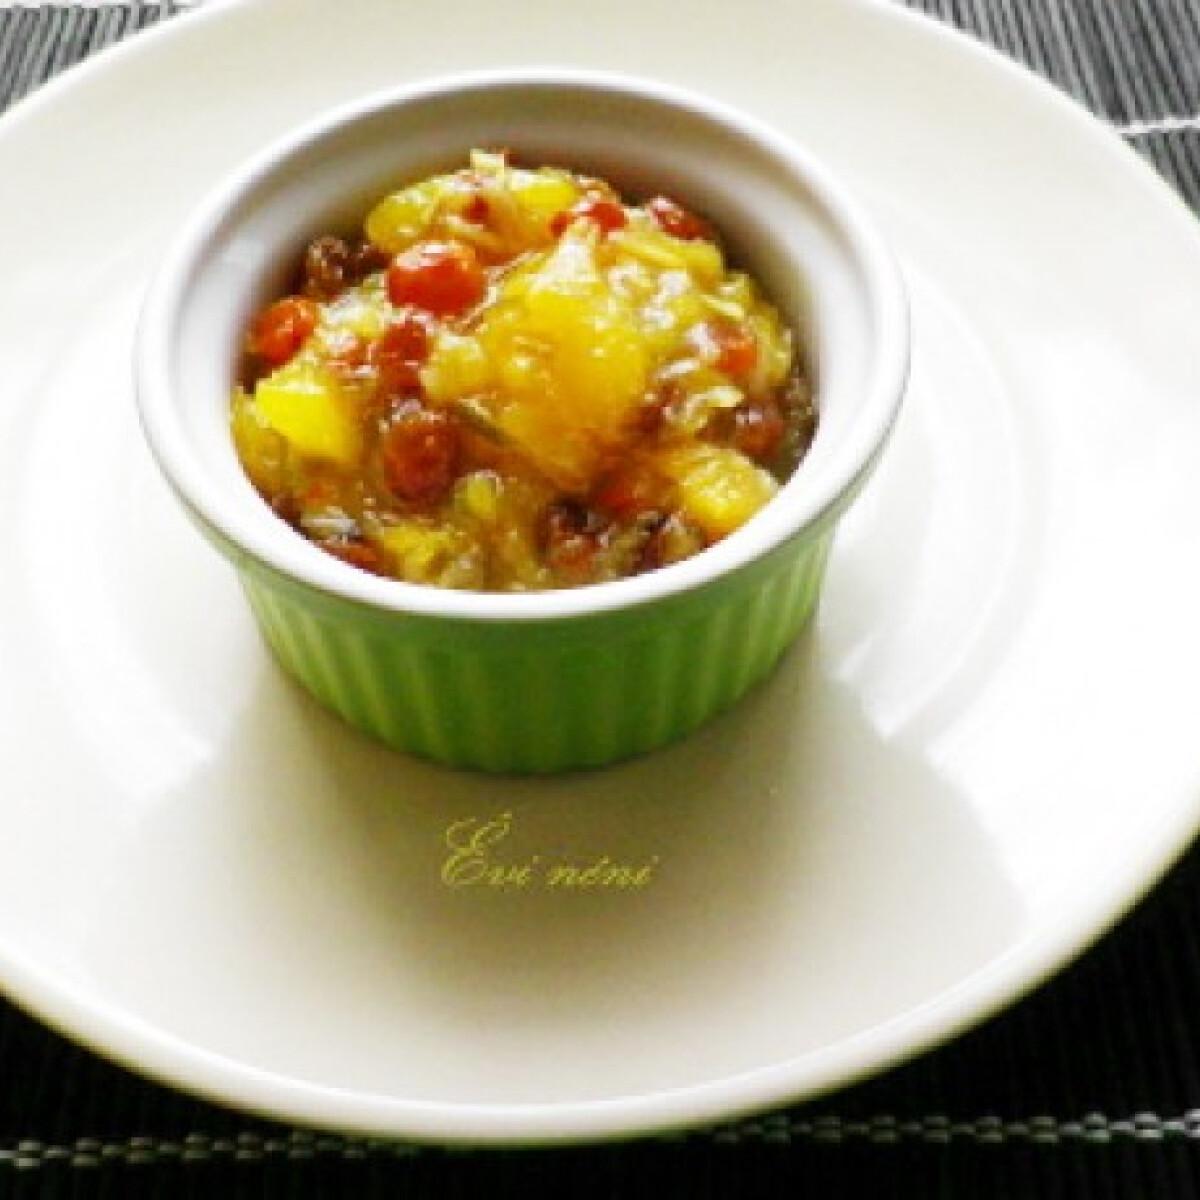 Ezen a képen: Zöldcitrom-mangó chutney